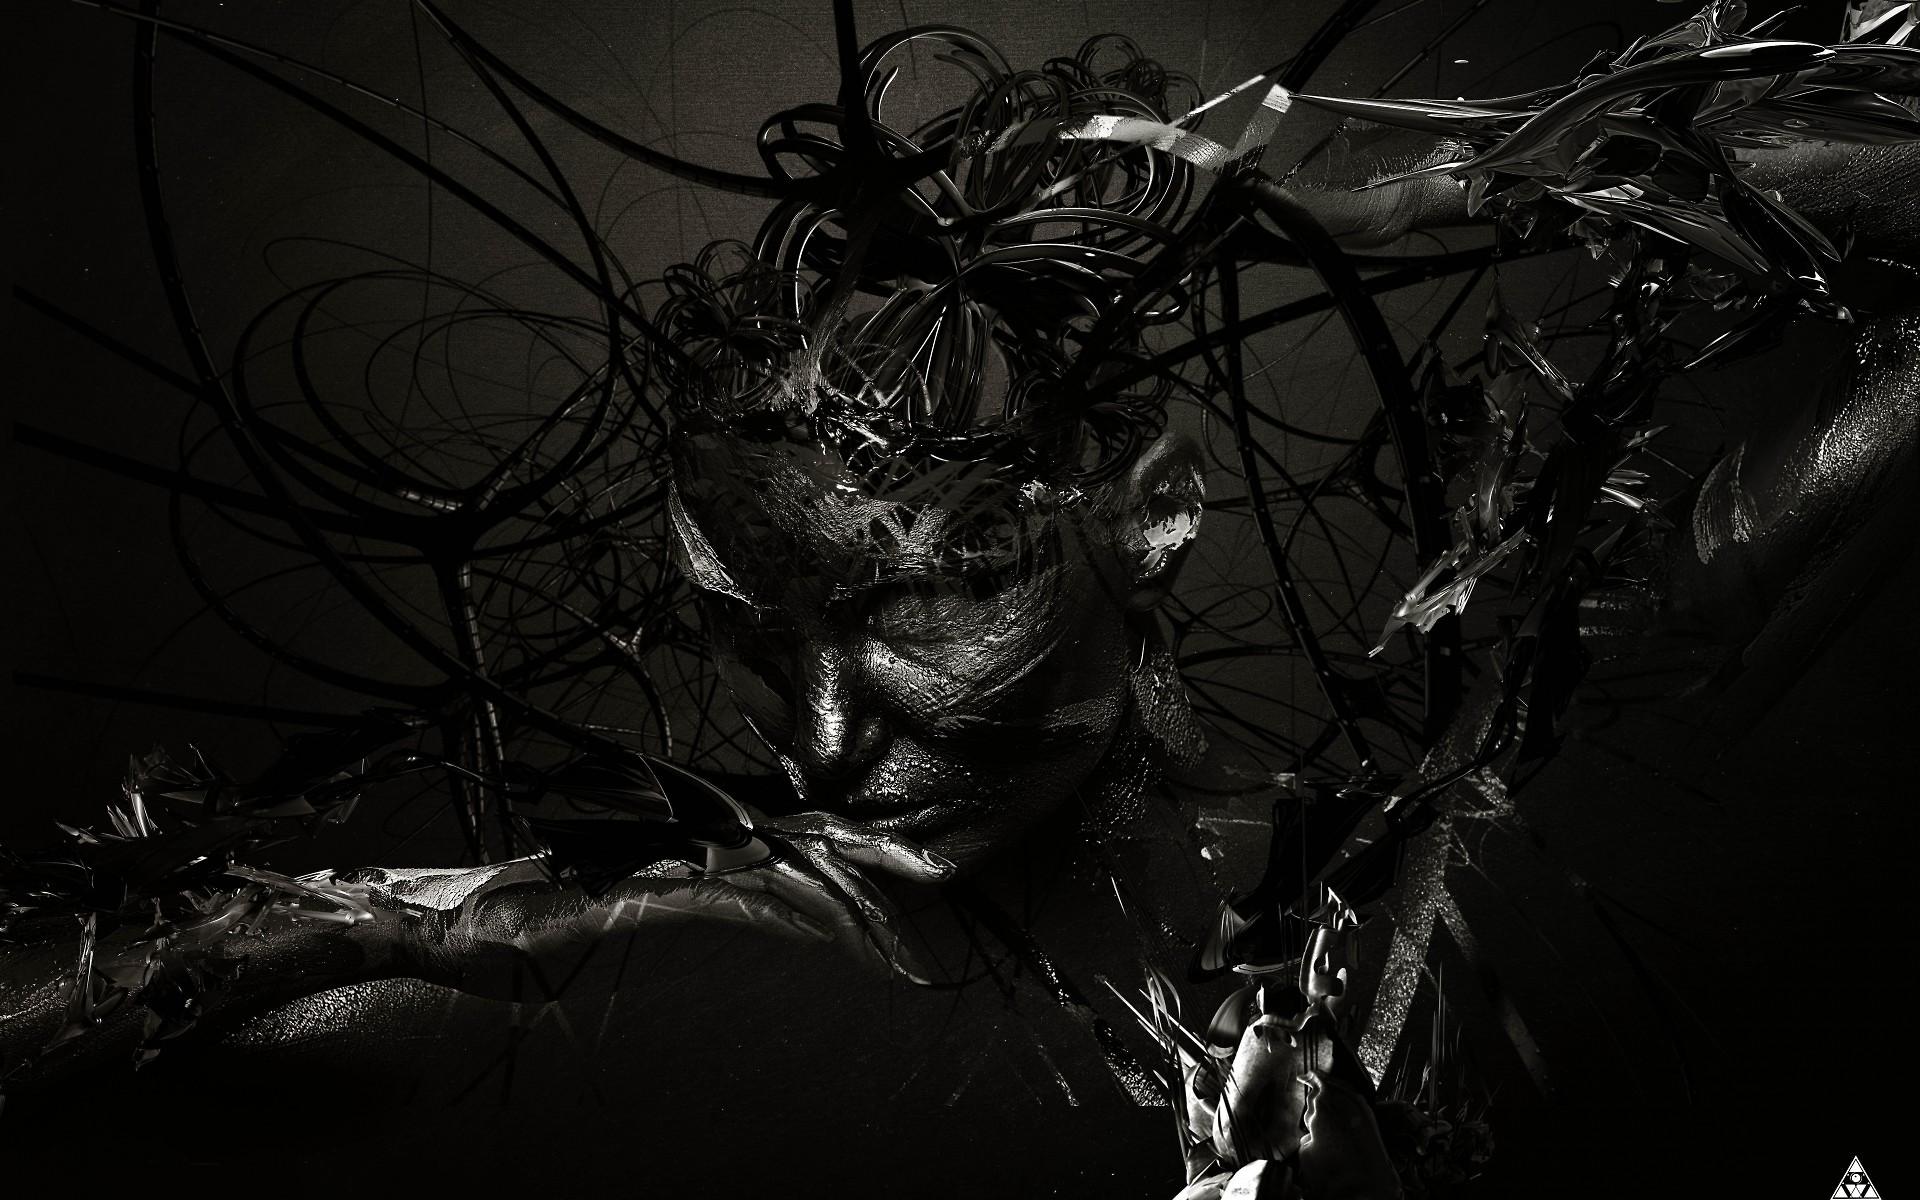 интересным темные черные картинки на рабочий стол вышел